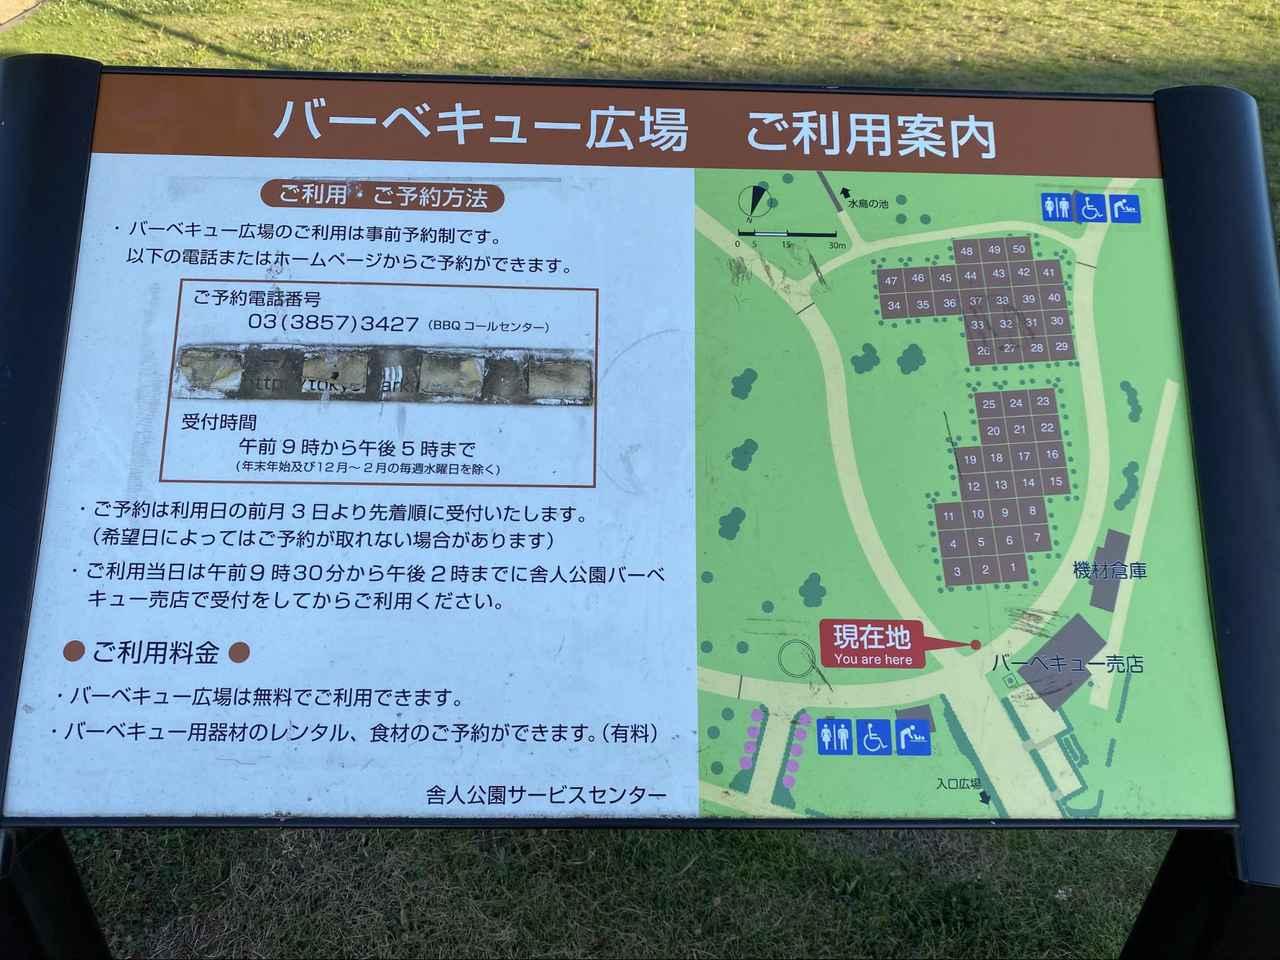 画像2: レンタル機材が充実している「舎人(とねり)公園・バーベキュー広場」!青空のもとキャンプ気分で